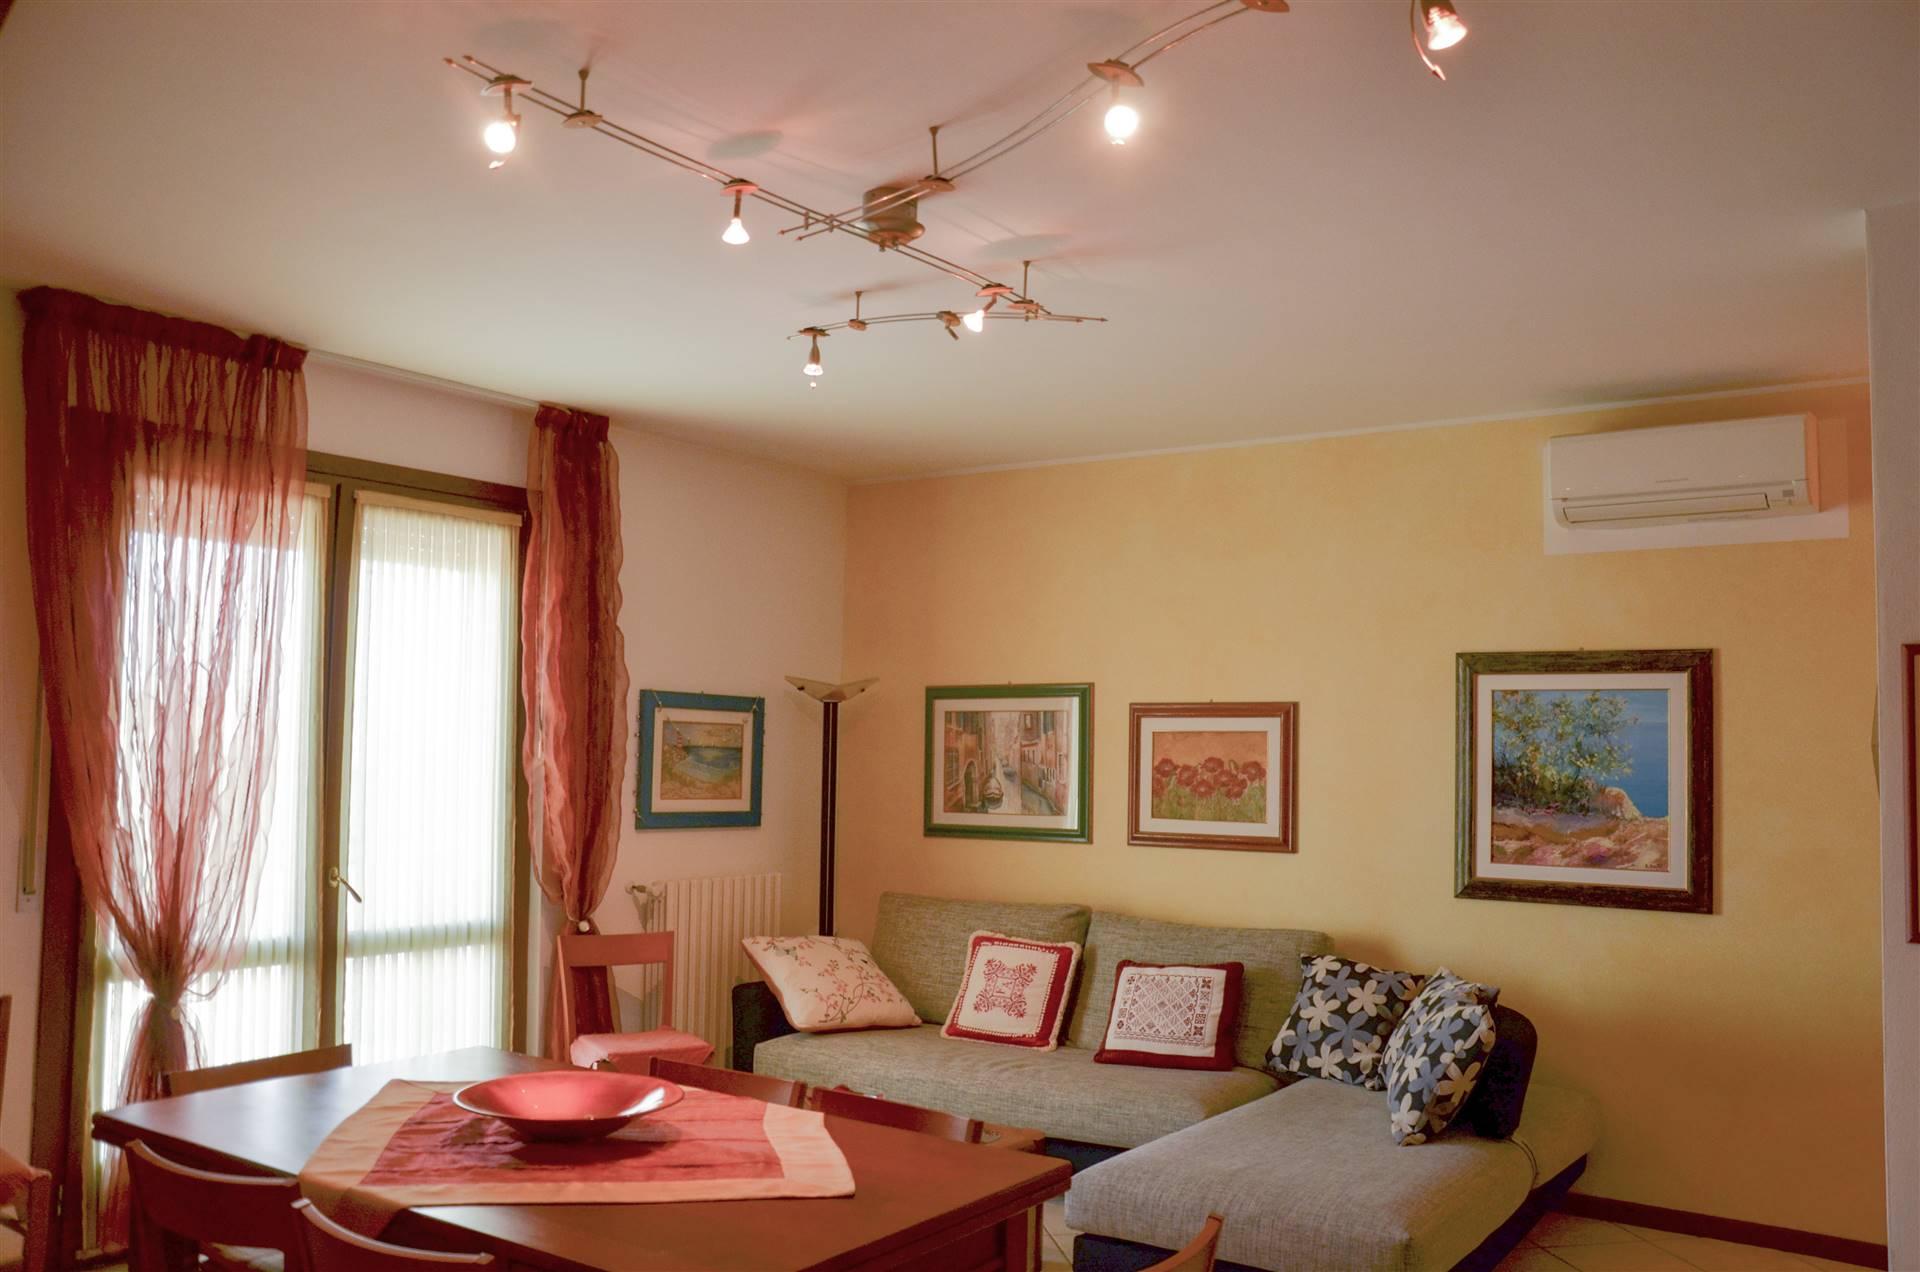 ZONA PIAZZA BRESCIA Proponiamo in vendita duplex al 5° e ultimo piano di un condominio a pochi passi dal mare e dalla piazza Brescia. L'appartamento